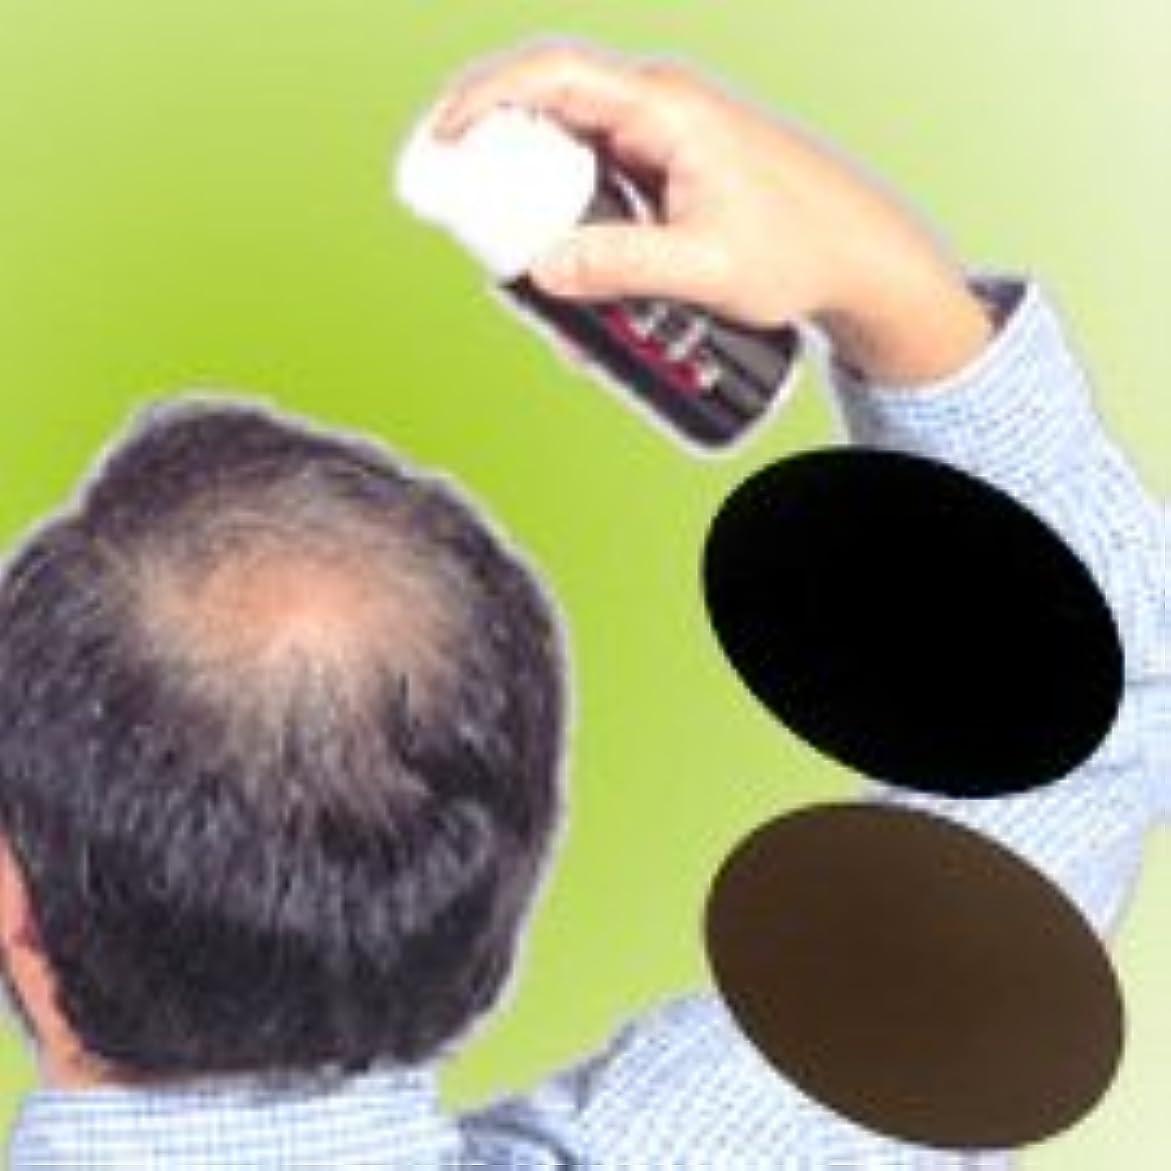 累積独占非効率的な薄毛?白髪をワンタッチで隠します!男女兼用タイプの増毛スプレー!!【トミーリッチ ブラックヘアー】 (こちらの商品の内訳は『ブラウン<数量36単位>』のみ)